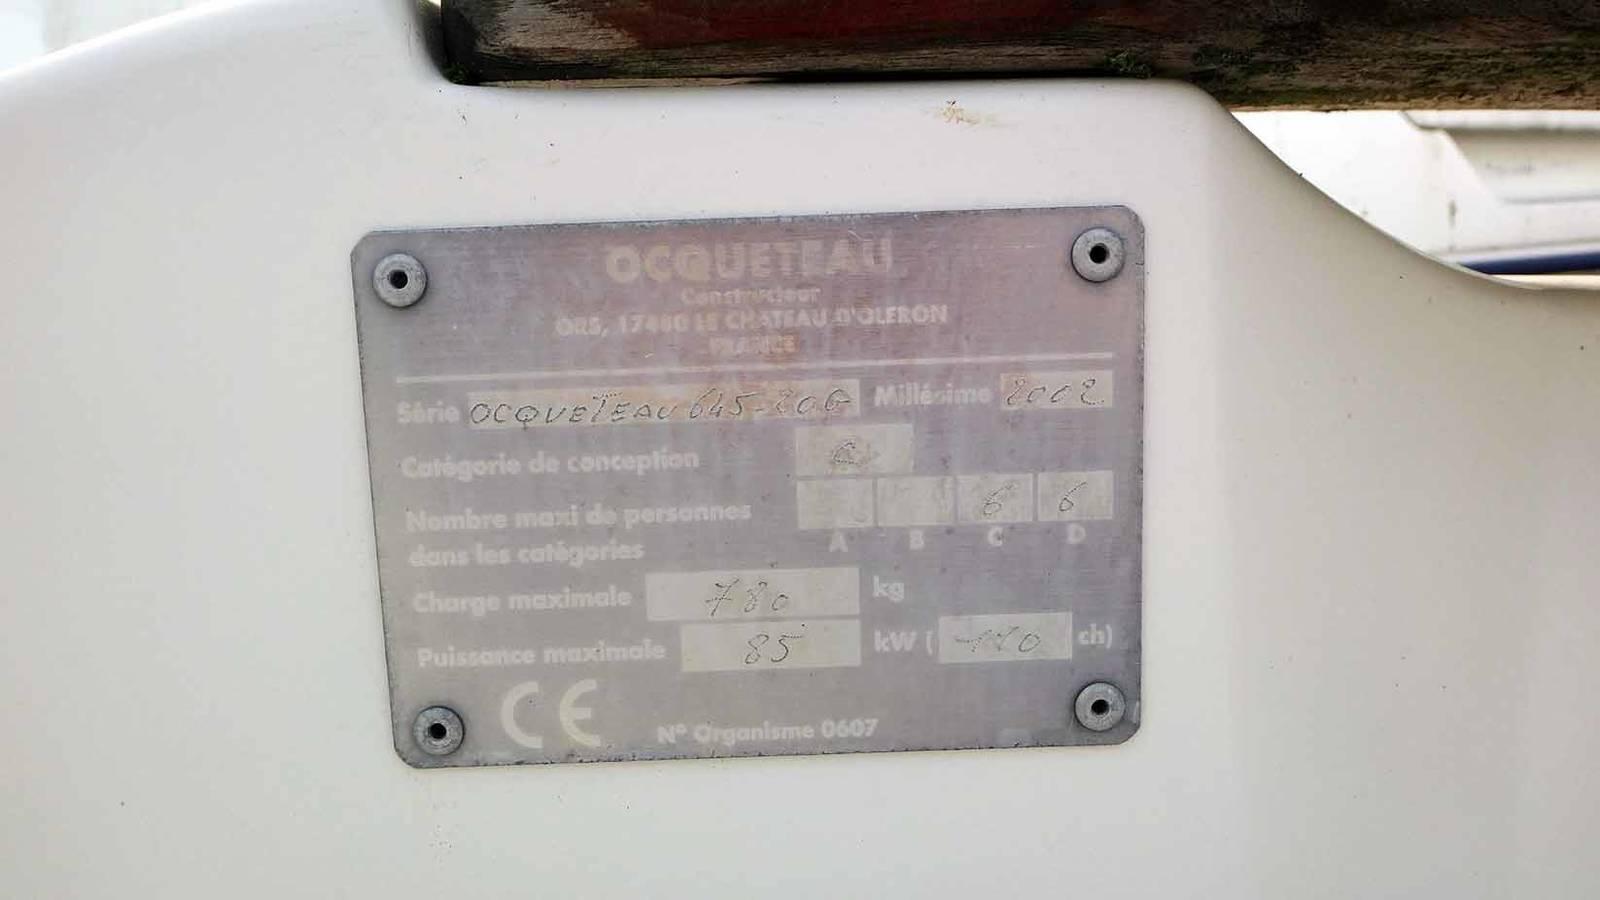 Ocqueteau 645